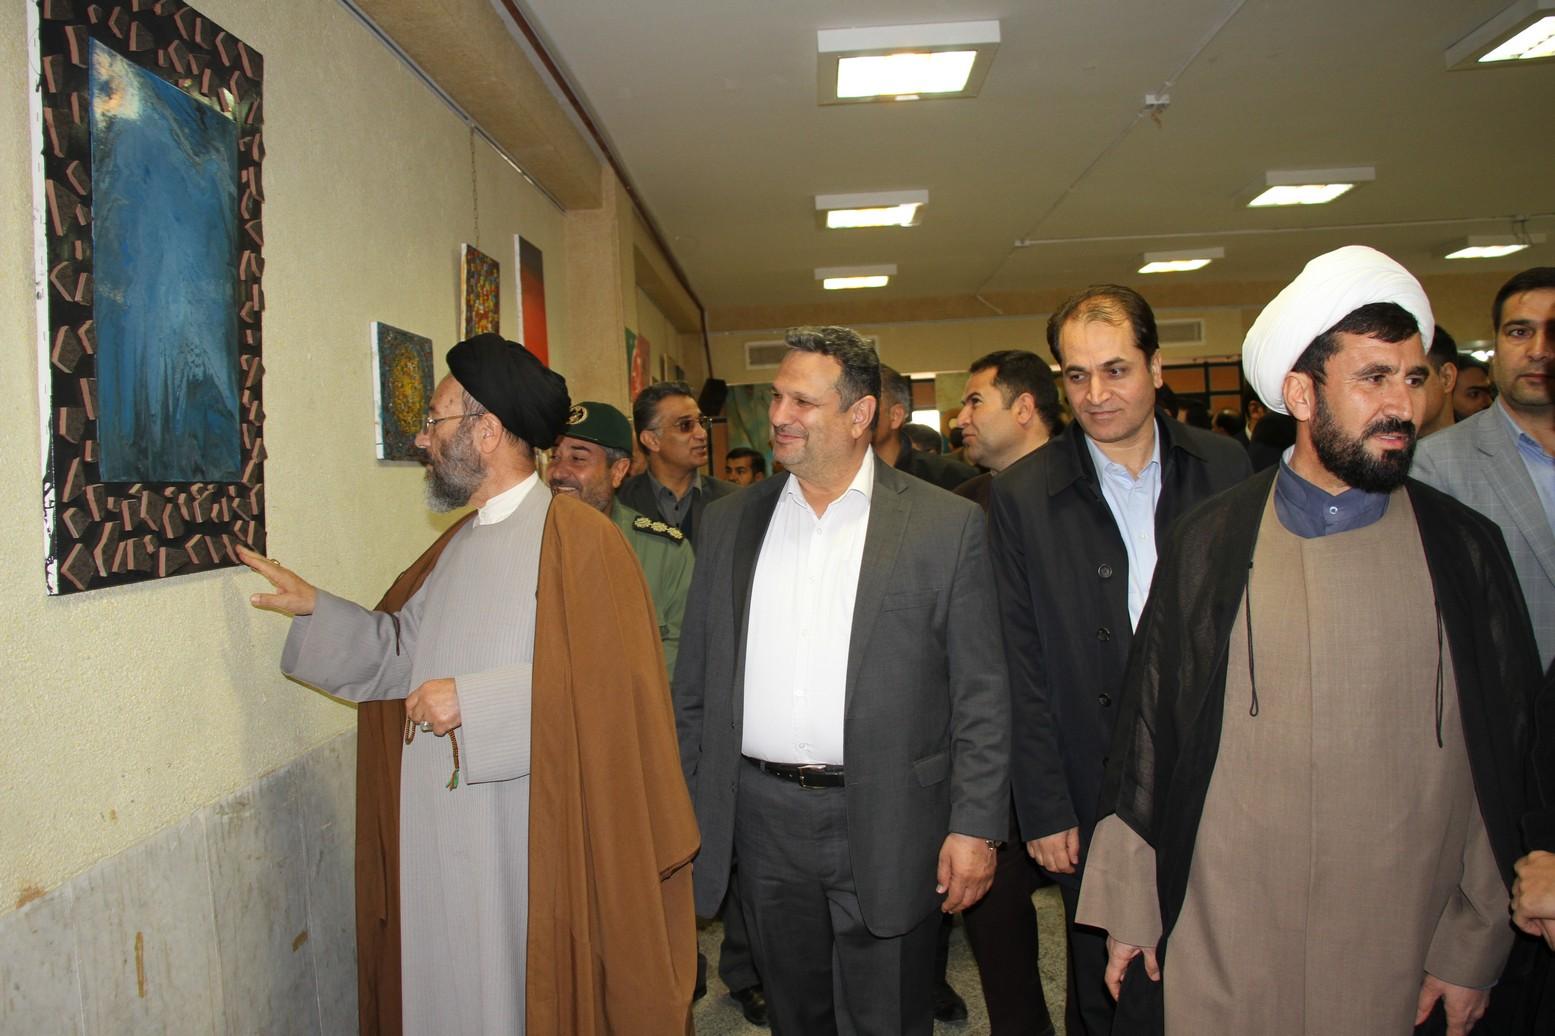 برپایی نمایشگاه عکس جاذبه های گردشگری خواف در محل مجمتع فرهنگی شهید مدرس